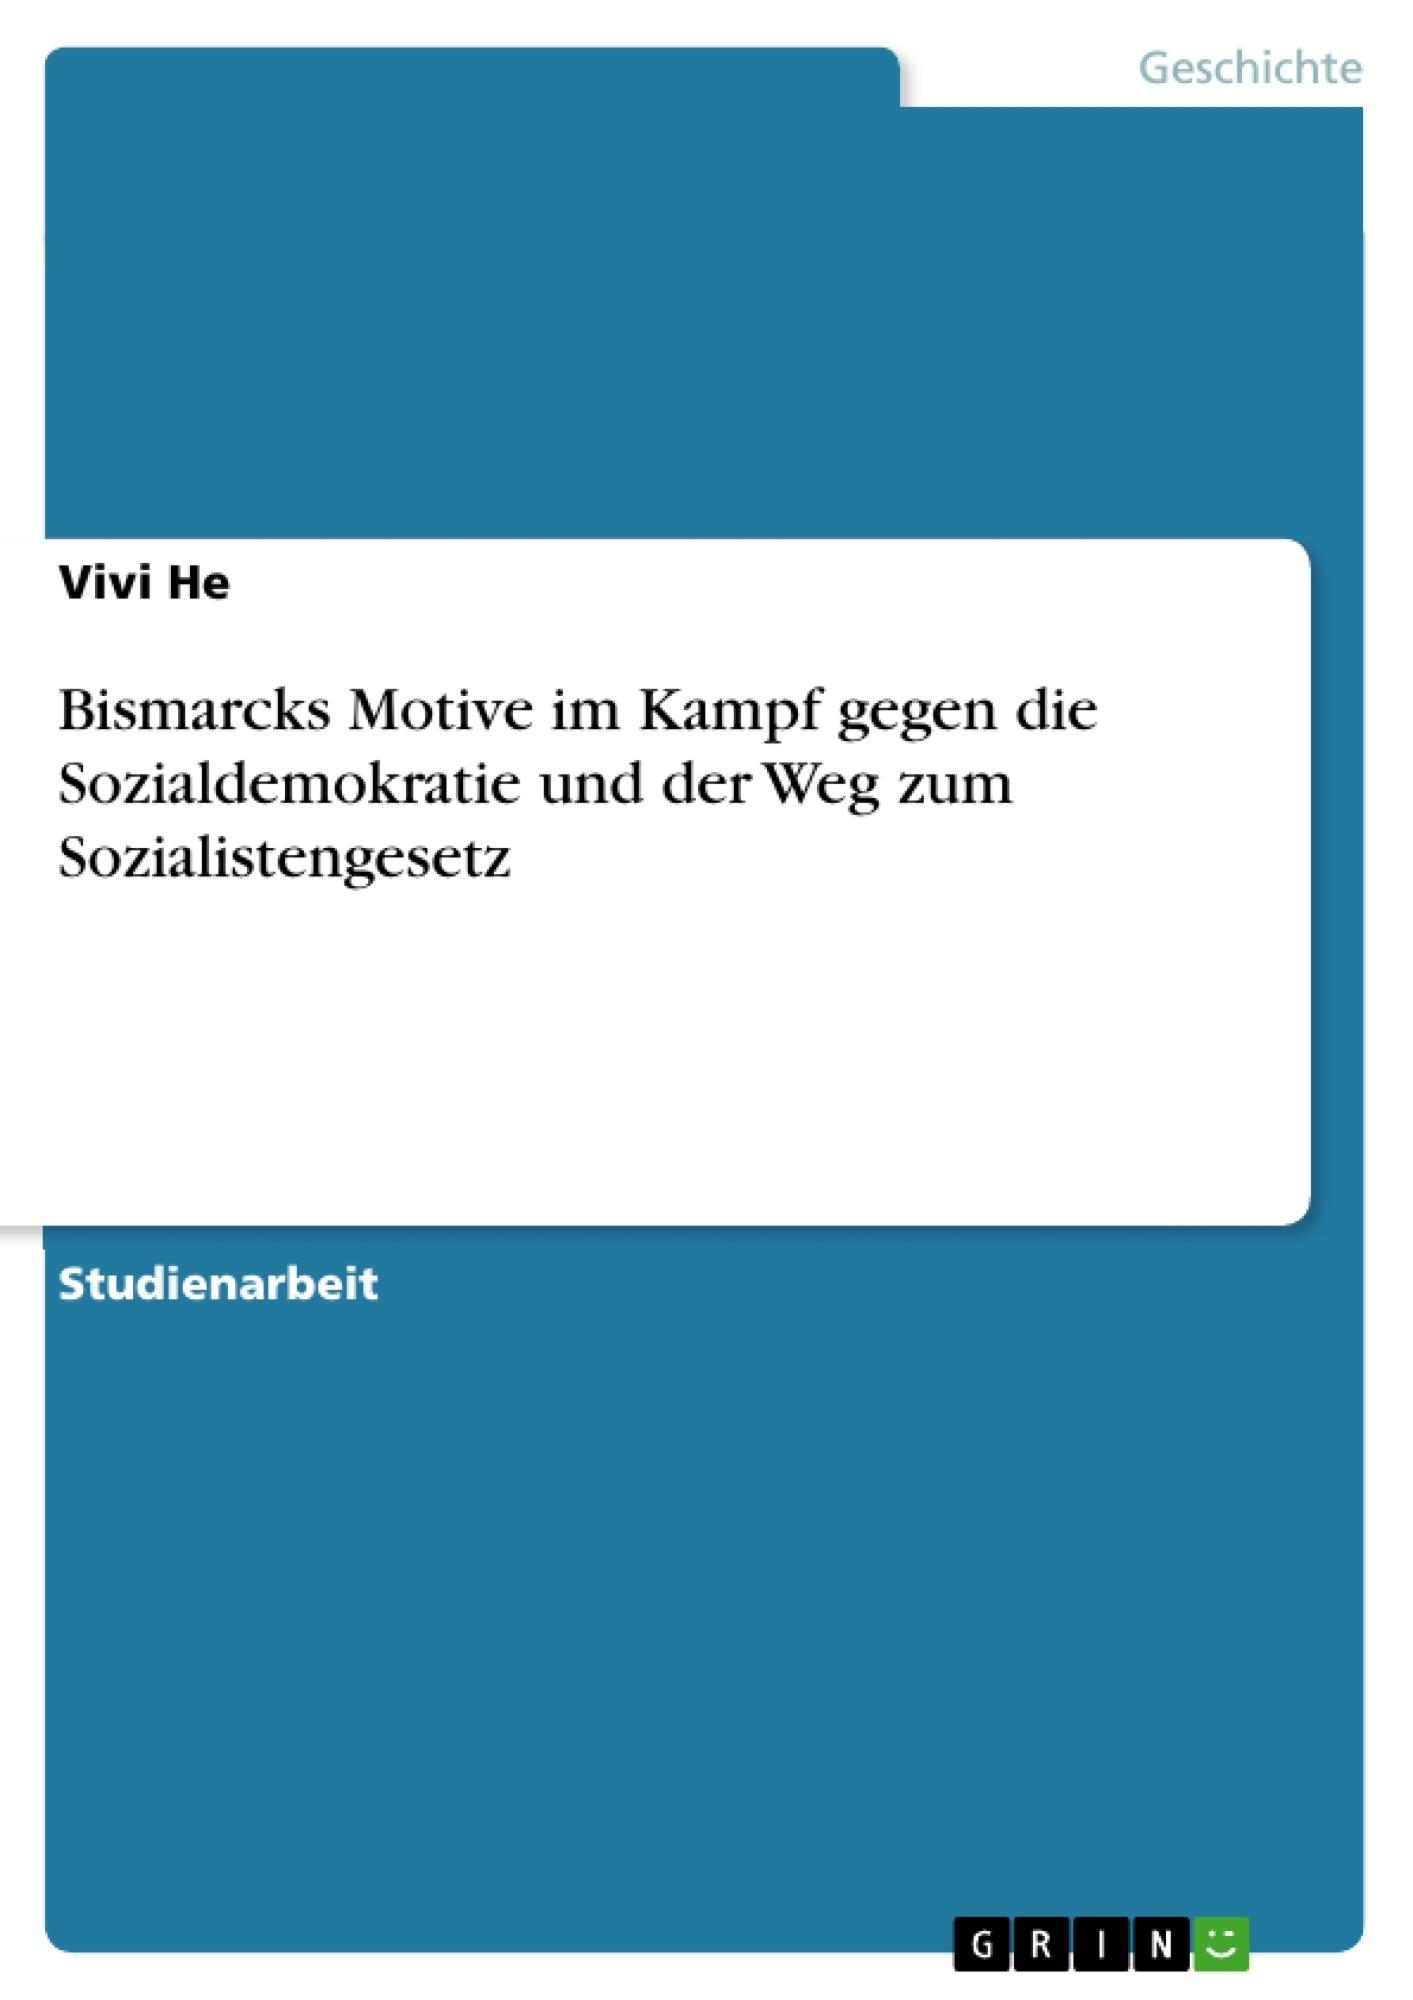 Titel: Bismarcks Motive im Kampf gegen die Sozialdemokratie und der Weg zum Sozialistengesetz